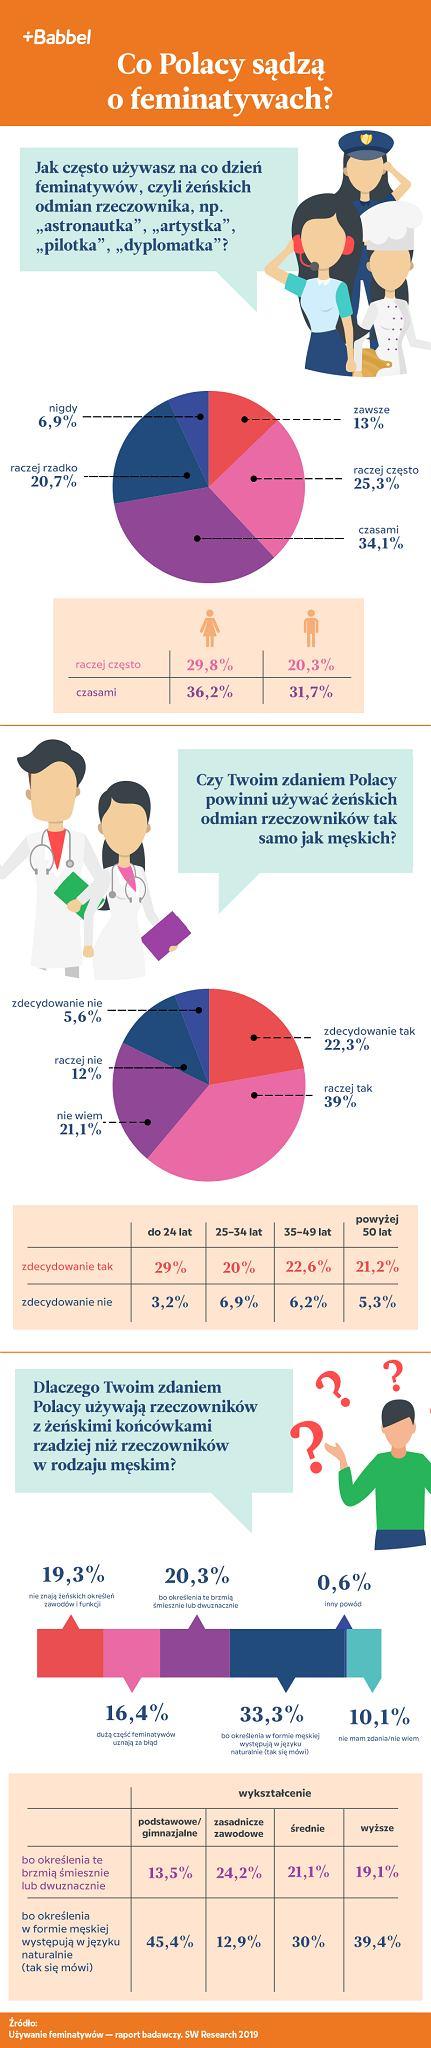 Co Polacy sądzą o feminatywach?